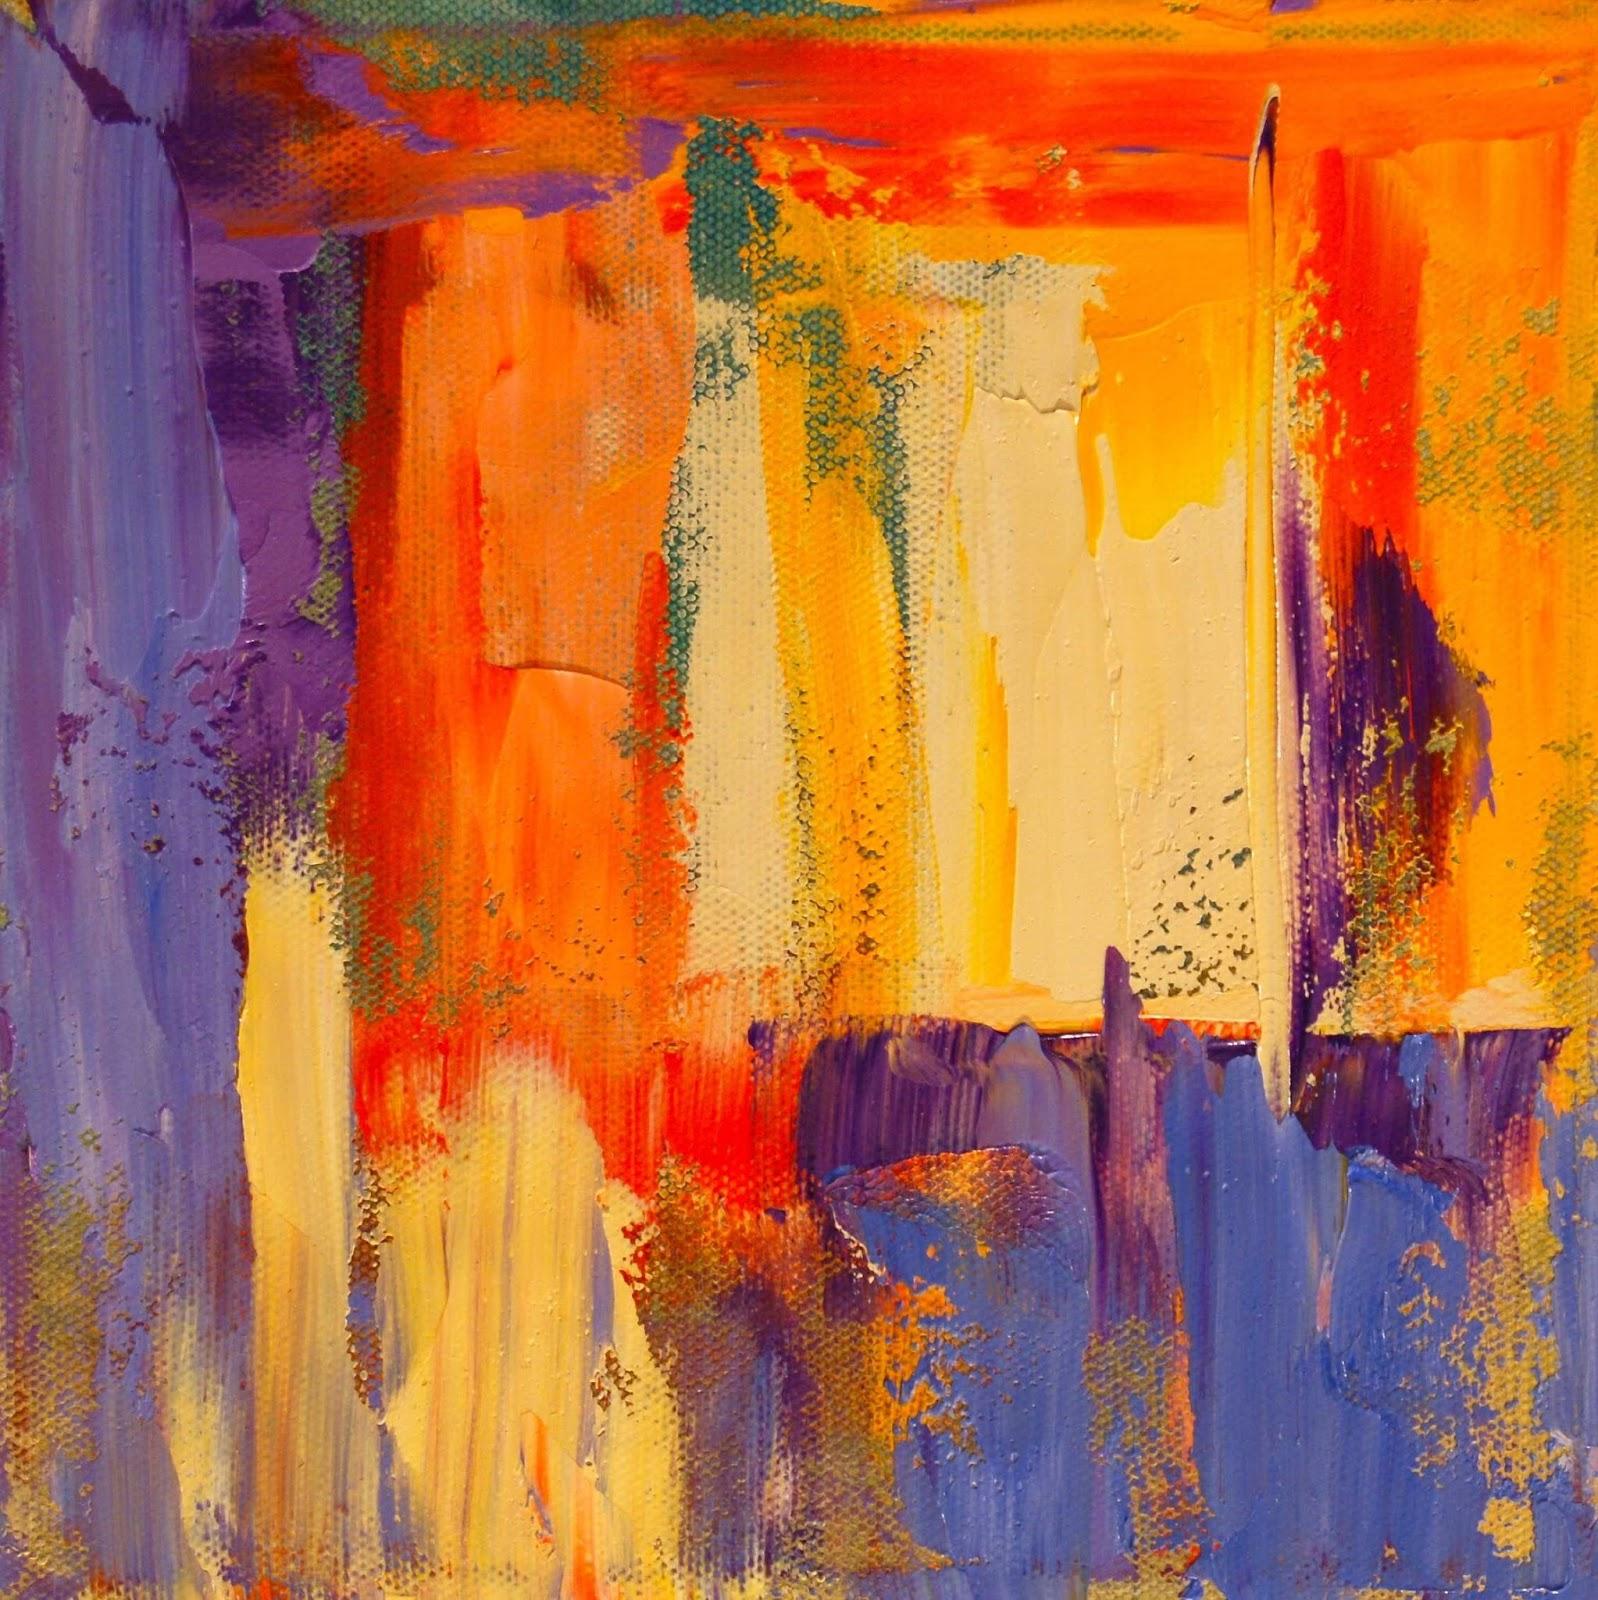 Modern Art Wallpaper: Cubist Art Wallpaper